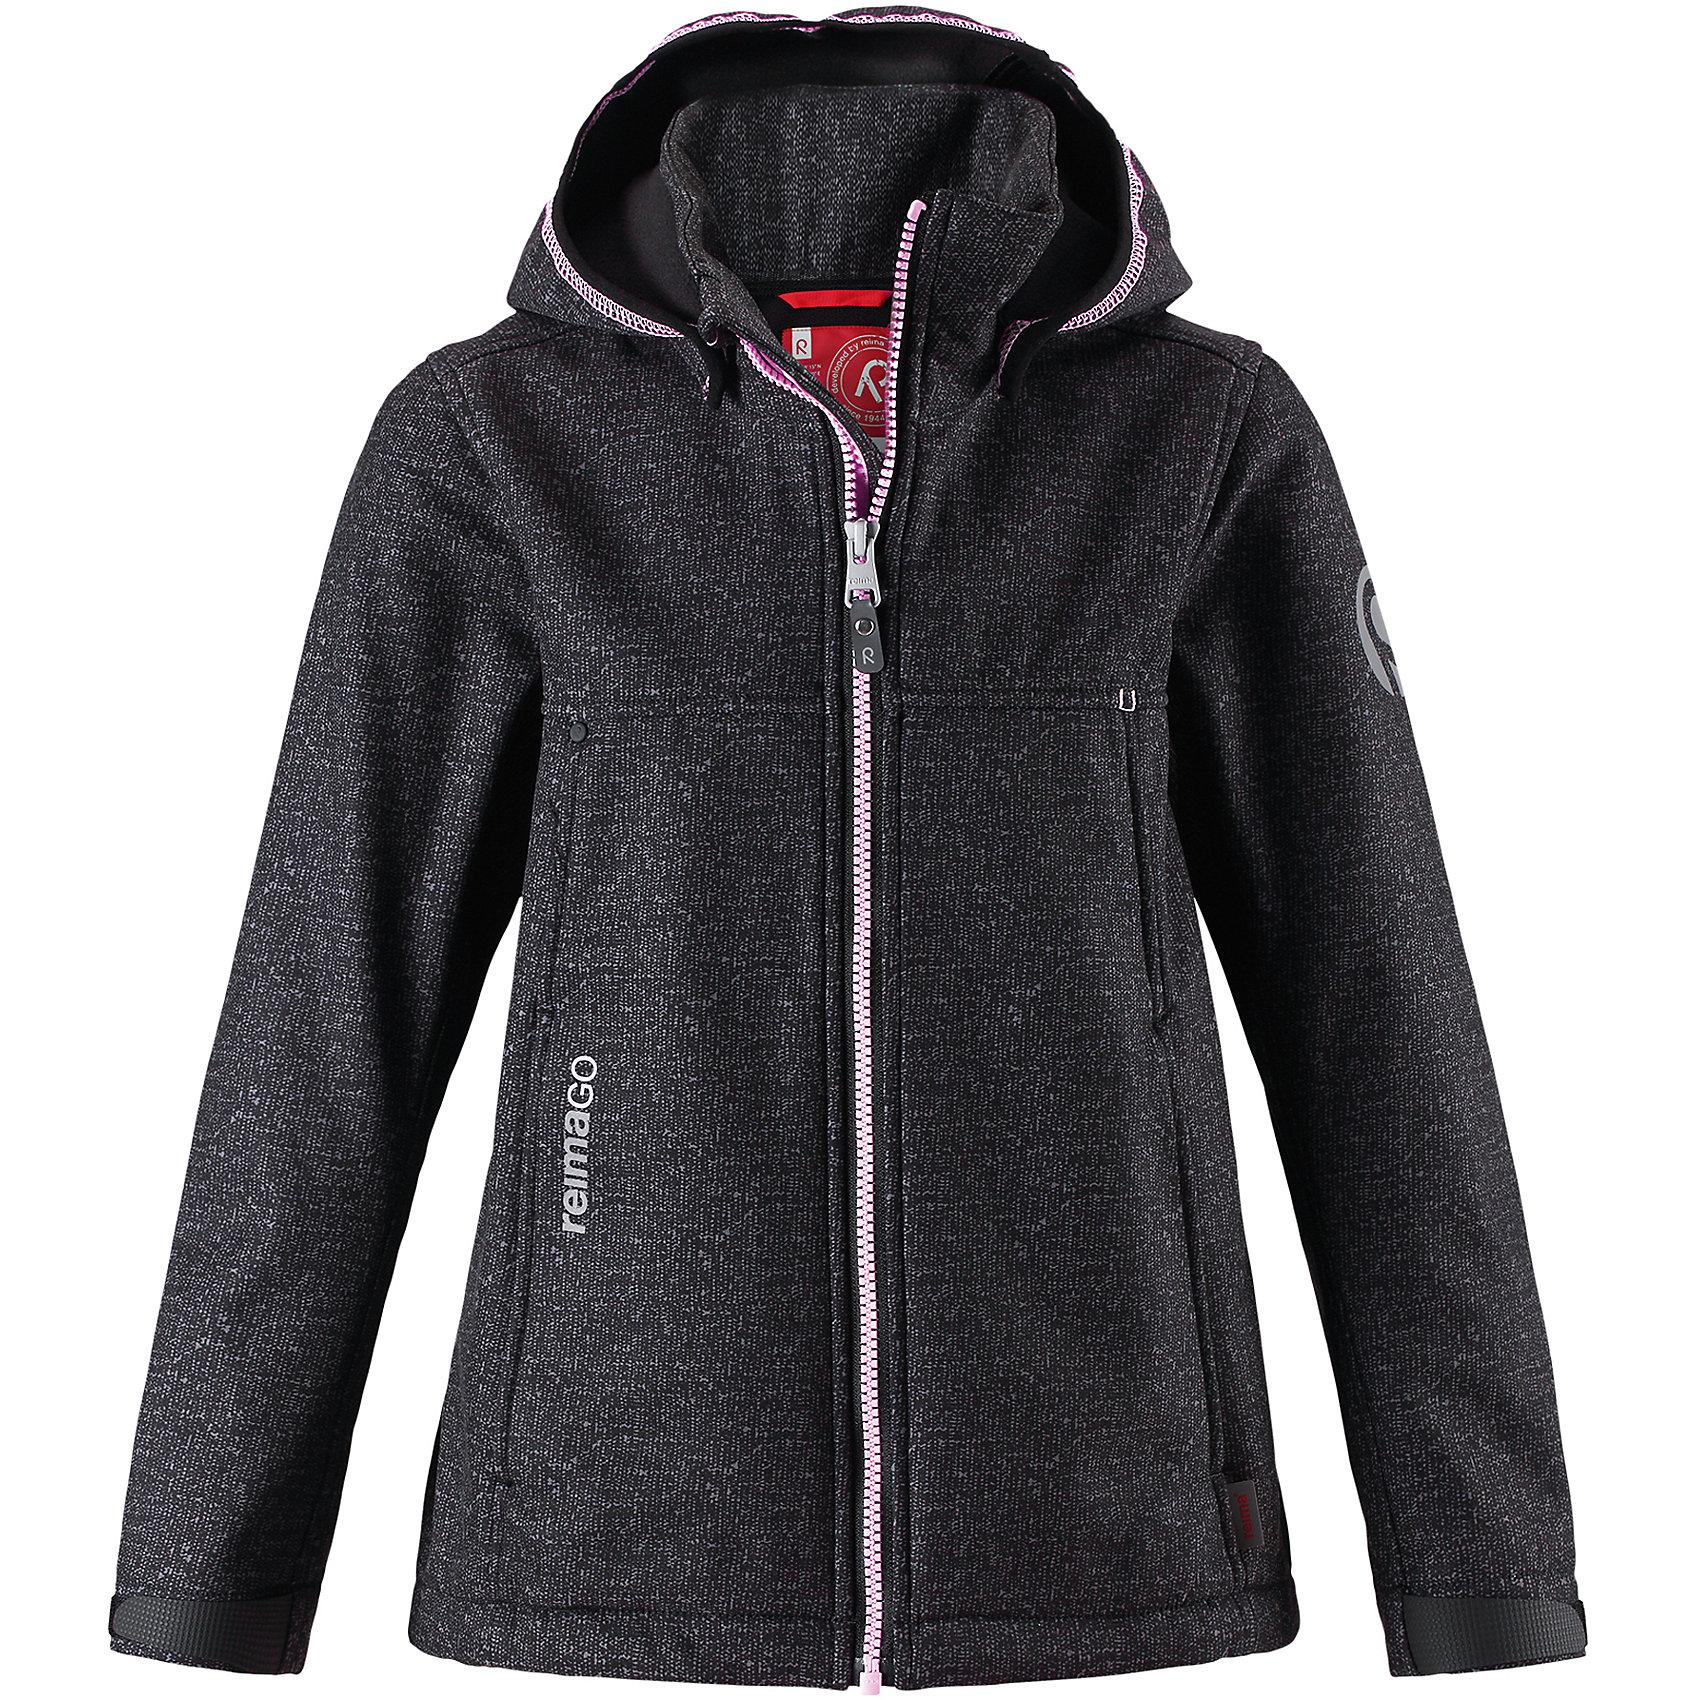 Куртка Cornise Reima для девочкиФлис и термобелье<br>Демисезонная куртка для детей и подростков изготовлена из функционального материала softshell –водоотталкивающего, ветронепроницаемого, и в то же время дышащего. Многослойный материал имеет мягкую флисовую изнанку. Регулируемая талия позволяет отрегулировать эту приталенную модель по фигуре, а регулируемые манжеты снабжены застежками на липучке. В этой куртке предусмотрено множество практичных деталей: безопасный съемный капюшон м эластичной резинкой по краю, карманы на молнии и светоотражающие элементы – отличный выбор, куда бы вы не пошли. Сенсор ReimaGO будет надежно закреплен на месте благодаря специальным кнопкам.<br>Состав:<br>95% Полиэстер 5% Эластан<br><br>Ширина мм: 356<br>Глубина мм: 10<br>Высота мм: 245<br>Вес г: 519<br>Цвет: серый<br>Возраст от месяцев: 156<br>Возраст до месяцев: 168<br>Пол: Женский<br>Возраст: Детский<br>Размер: 164,104,110,116,122,128,134,140,146,152,158<br>SKU: 6902896